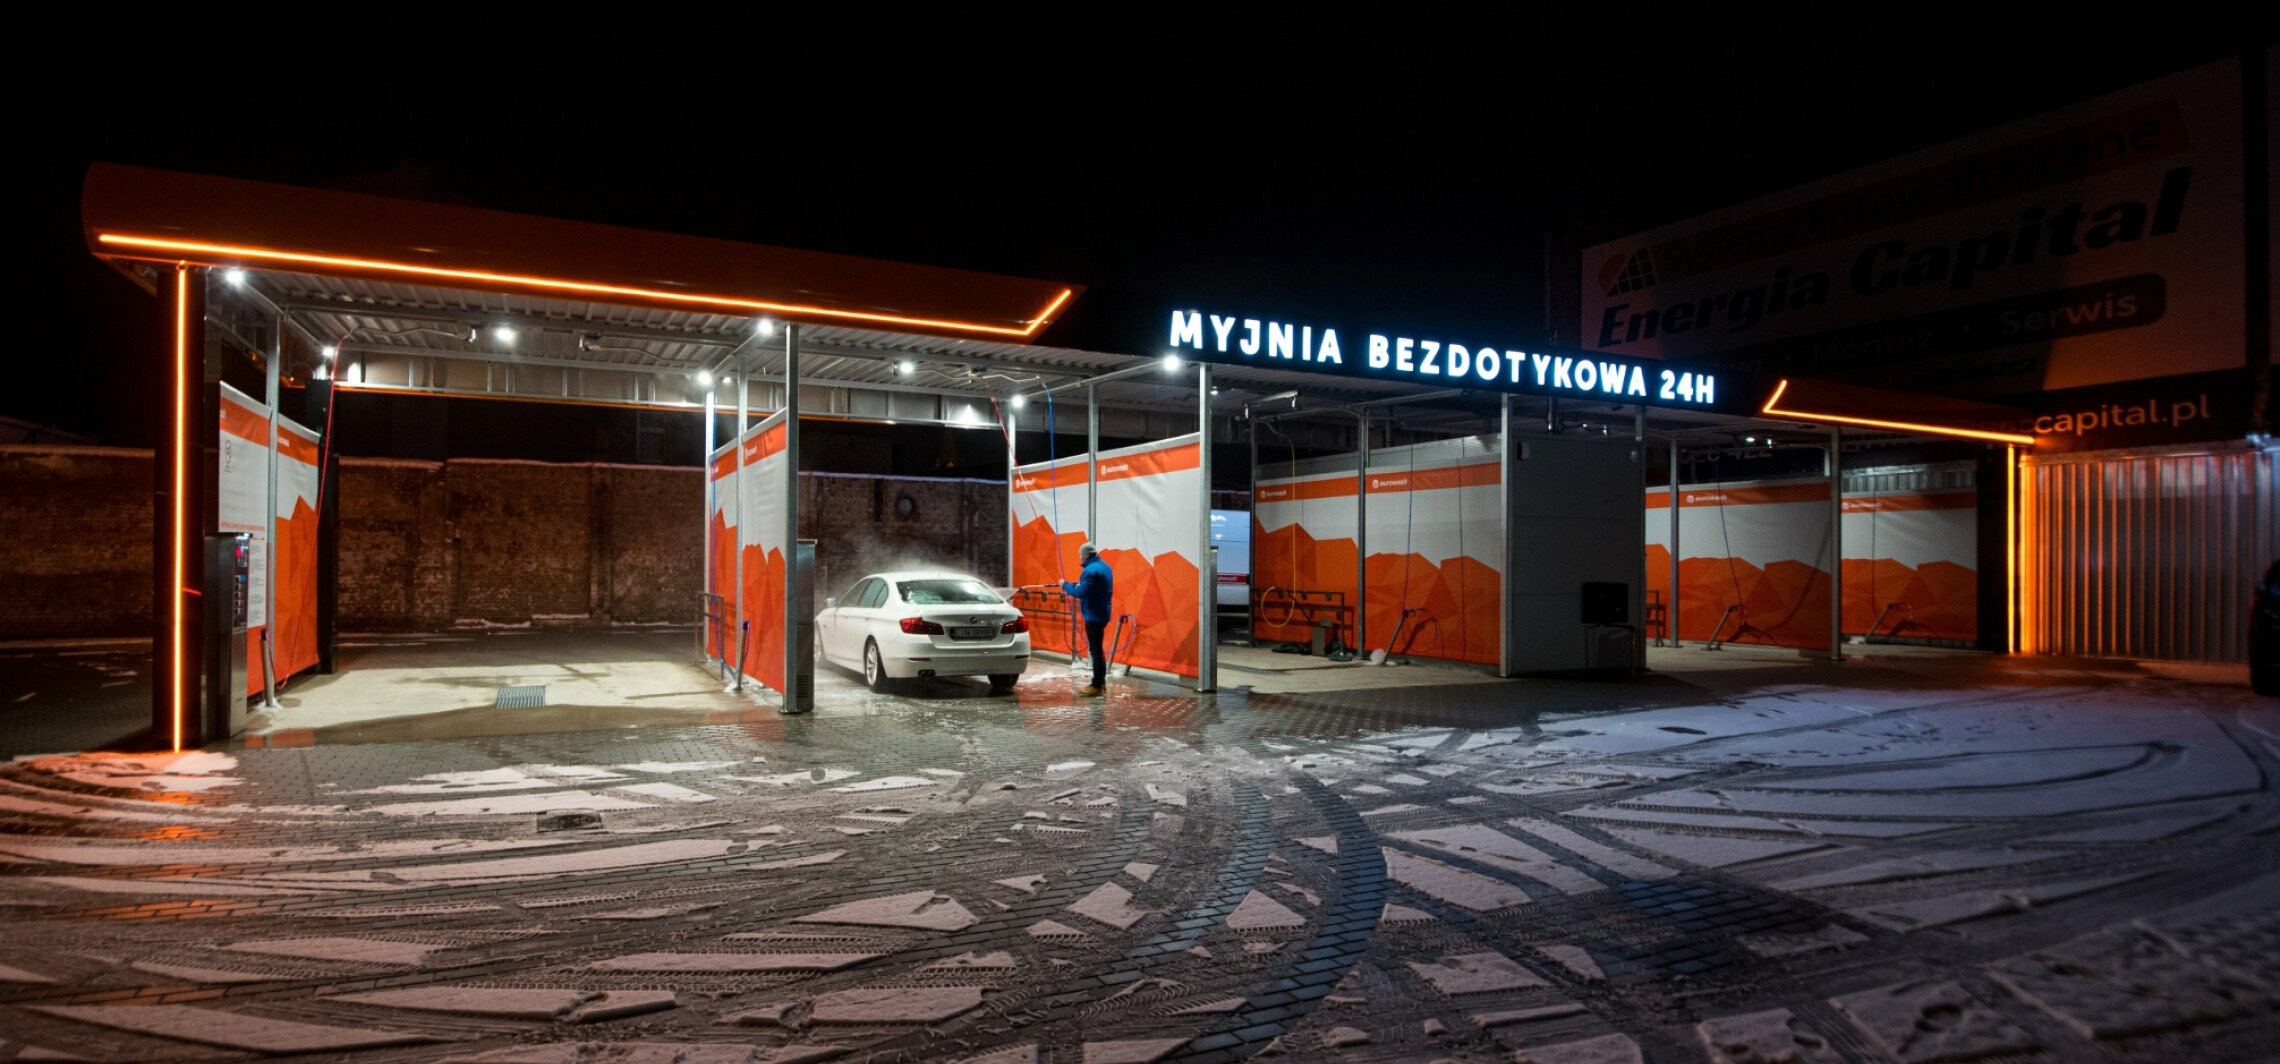 Inowrocław - Nowa myjnia w Inowrocławiu już otwarta